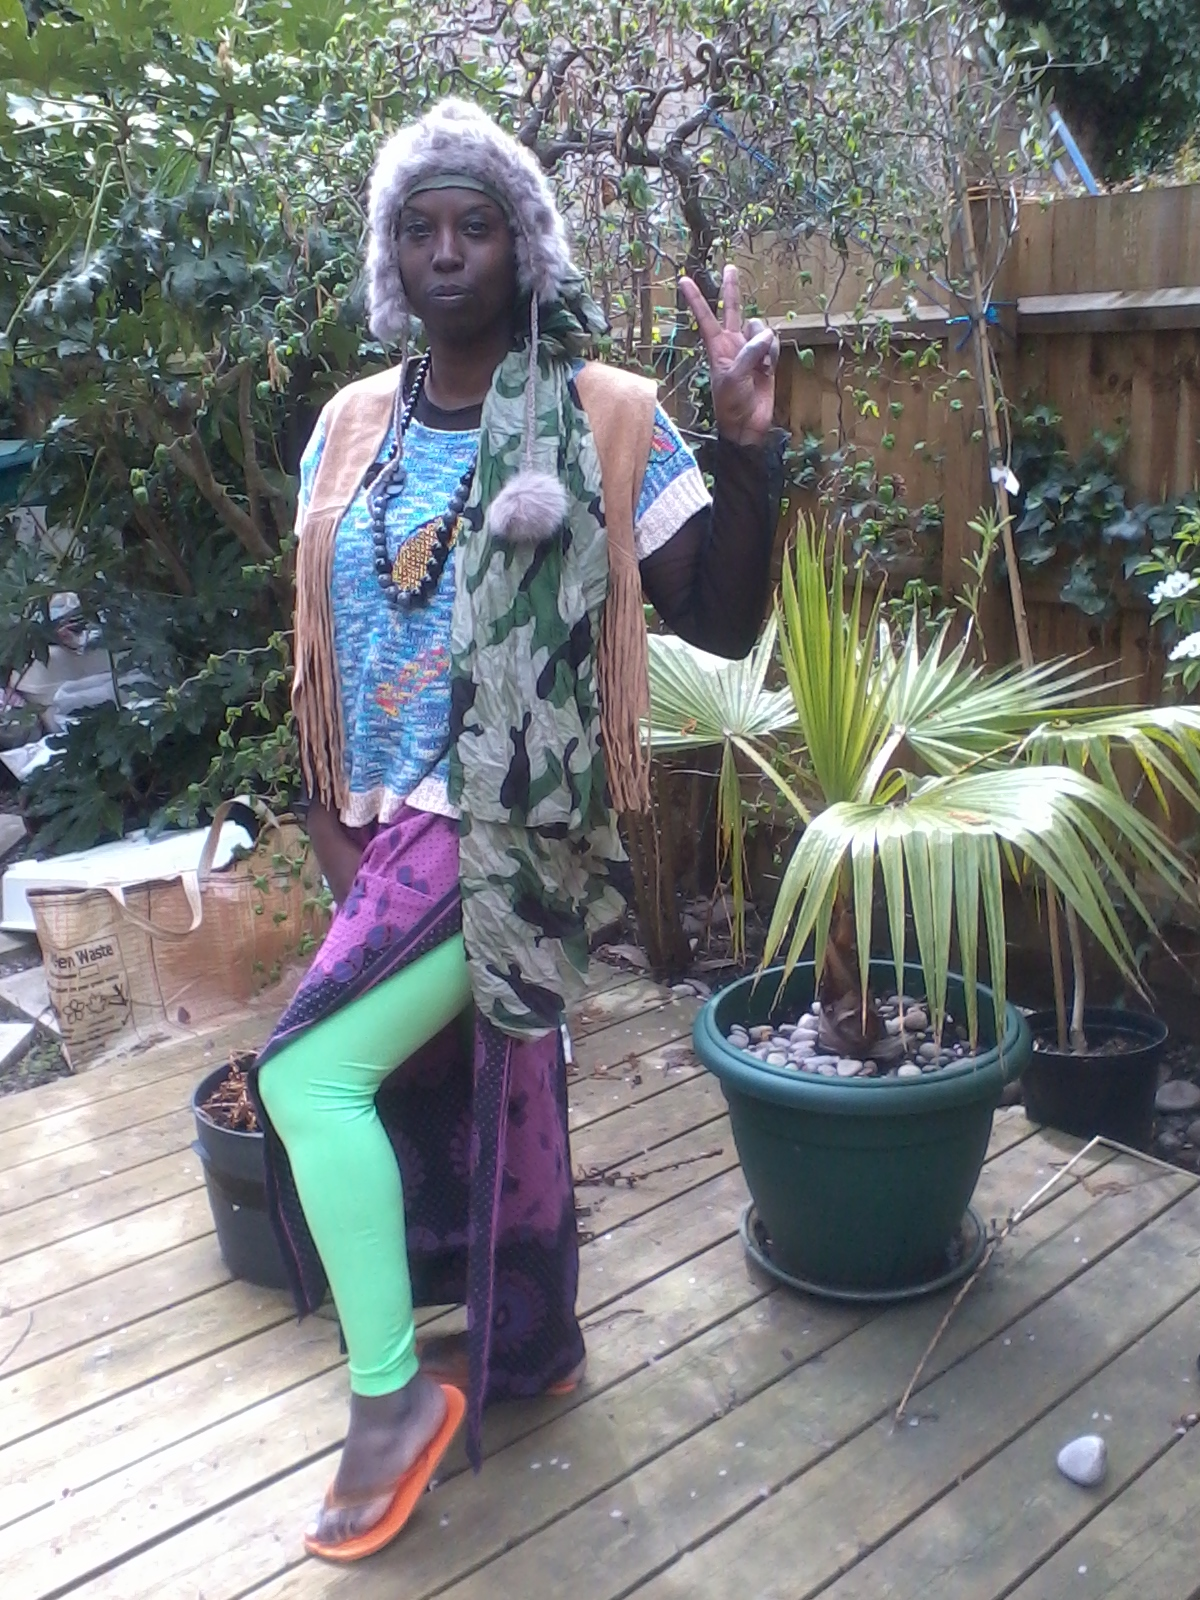 Image of Grace Ndiritu from Wikidata